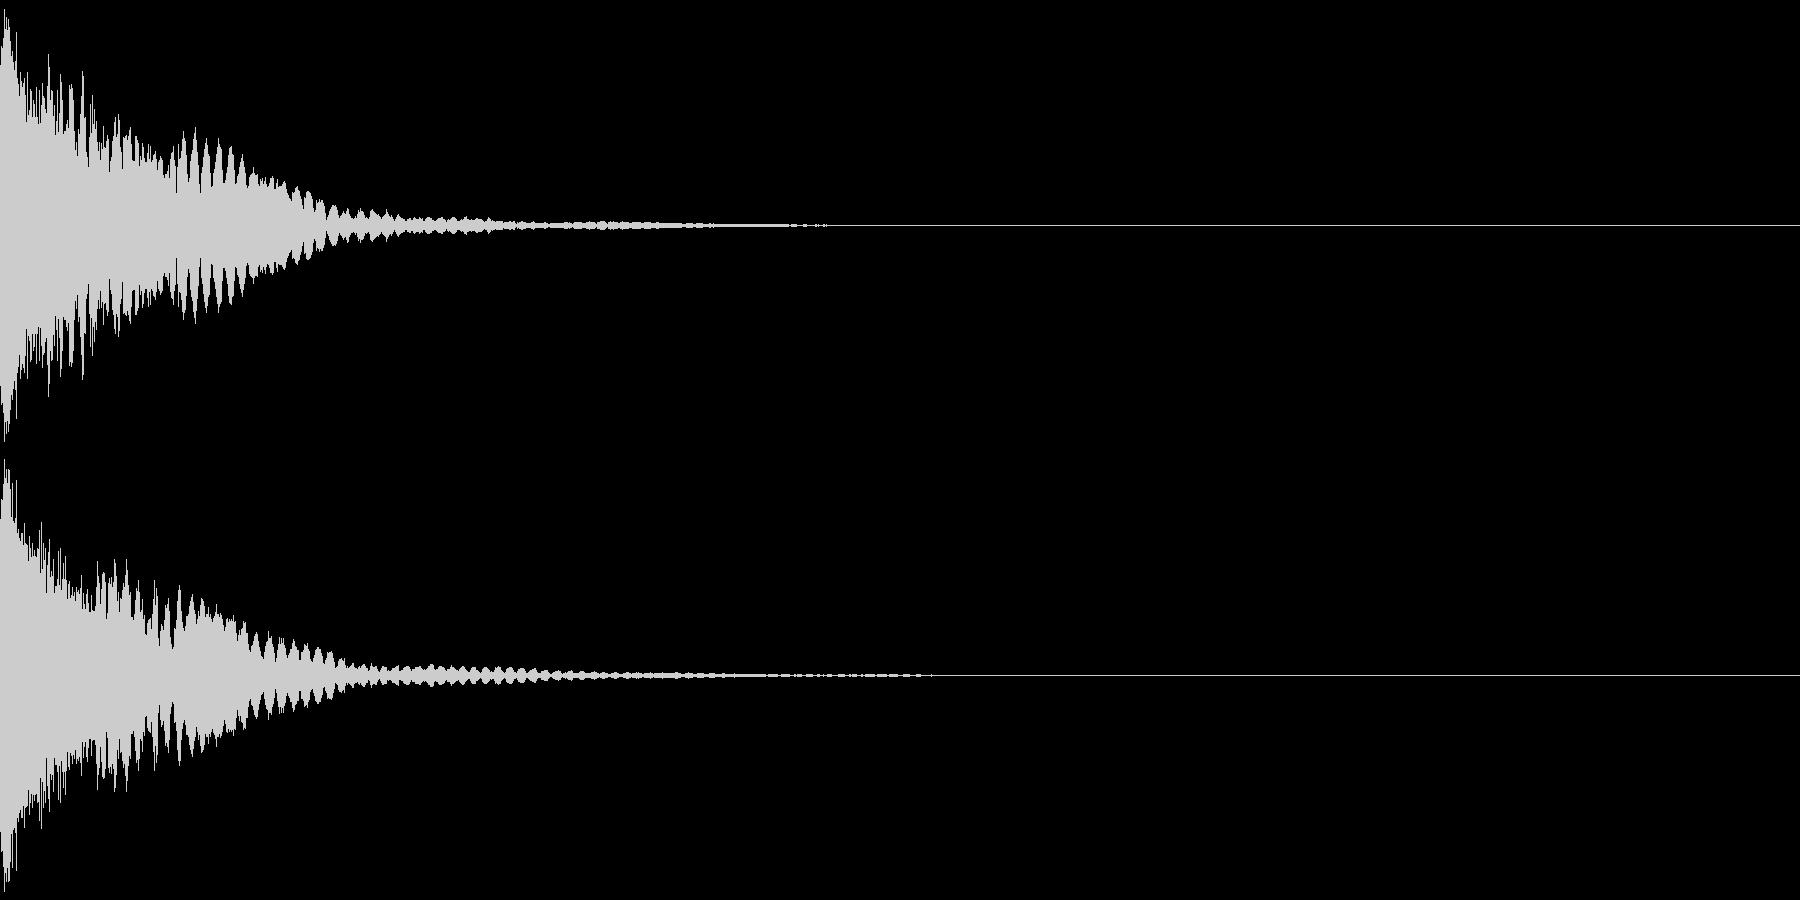 刀 キーン 剣 リアル インパクト Aの未再生の波形